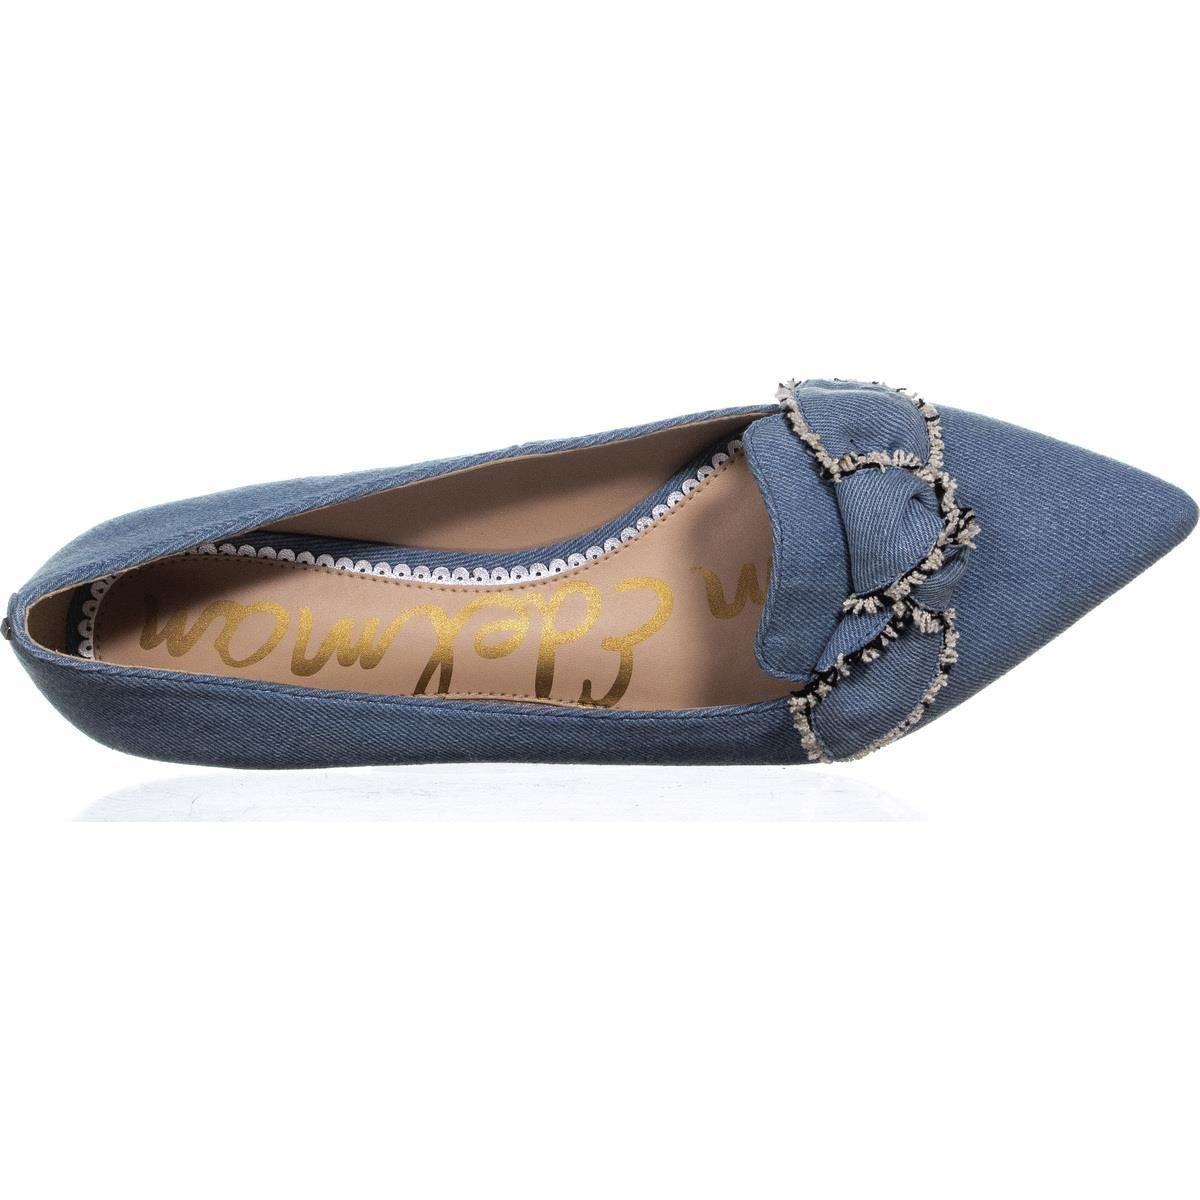 c7fd76125d5c1 Sam Edelman Rochester Ballet Flats in Blue - Lyst